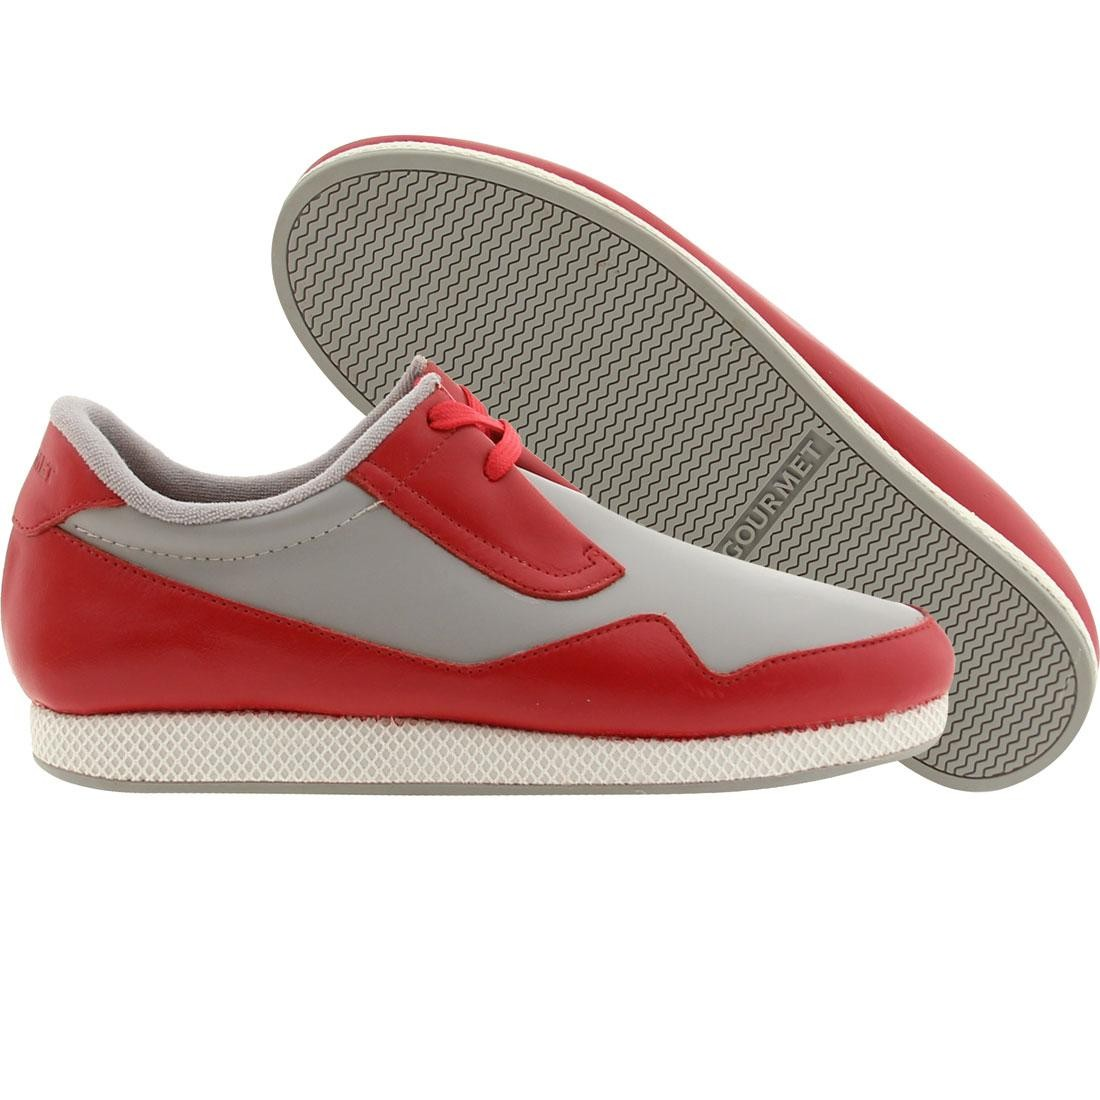 【海外限定】グルメ アンディフィーテッド GRAY灰色 グレイ スニーカー 靴 【 GREY GOURMET X UNDFTD CINQUE LIGHT WHITE 】